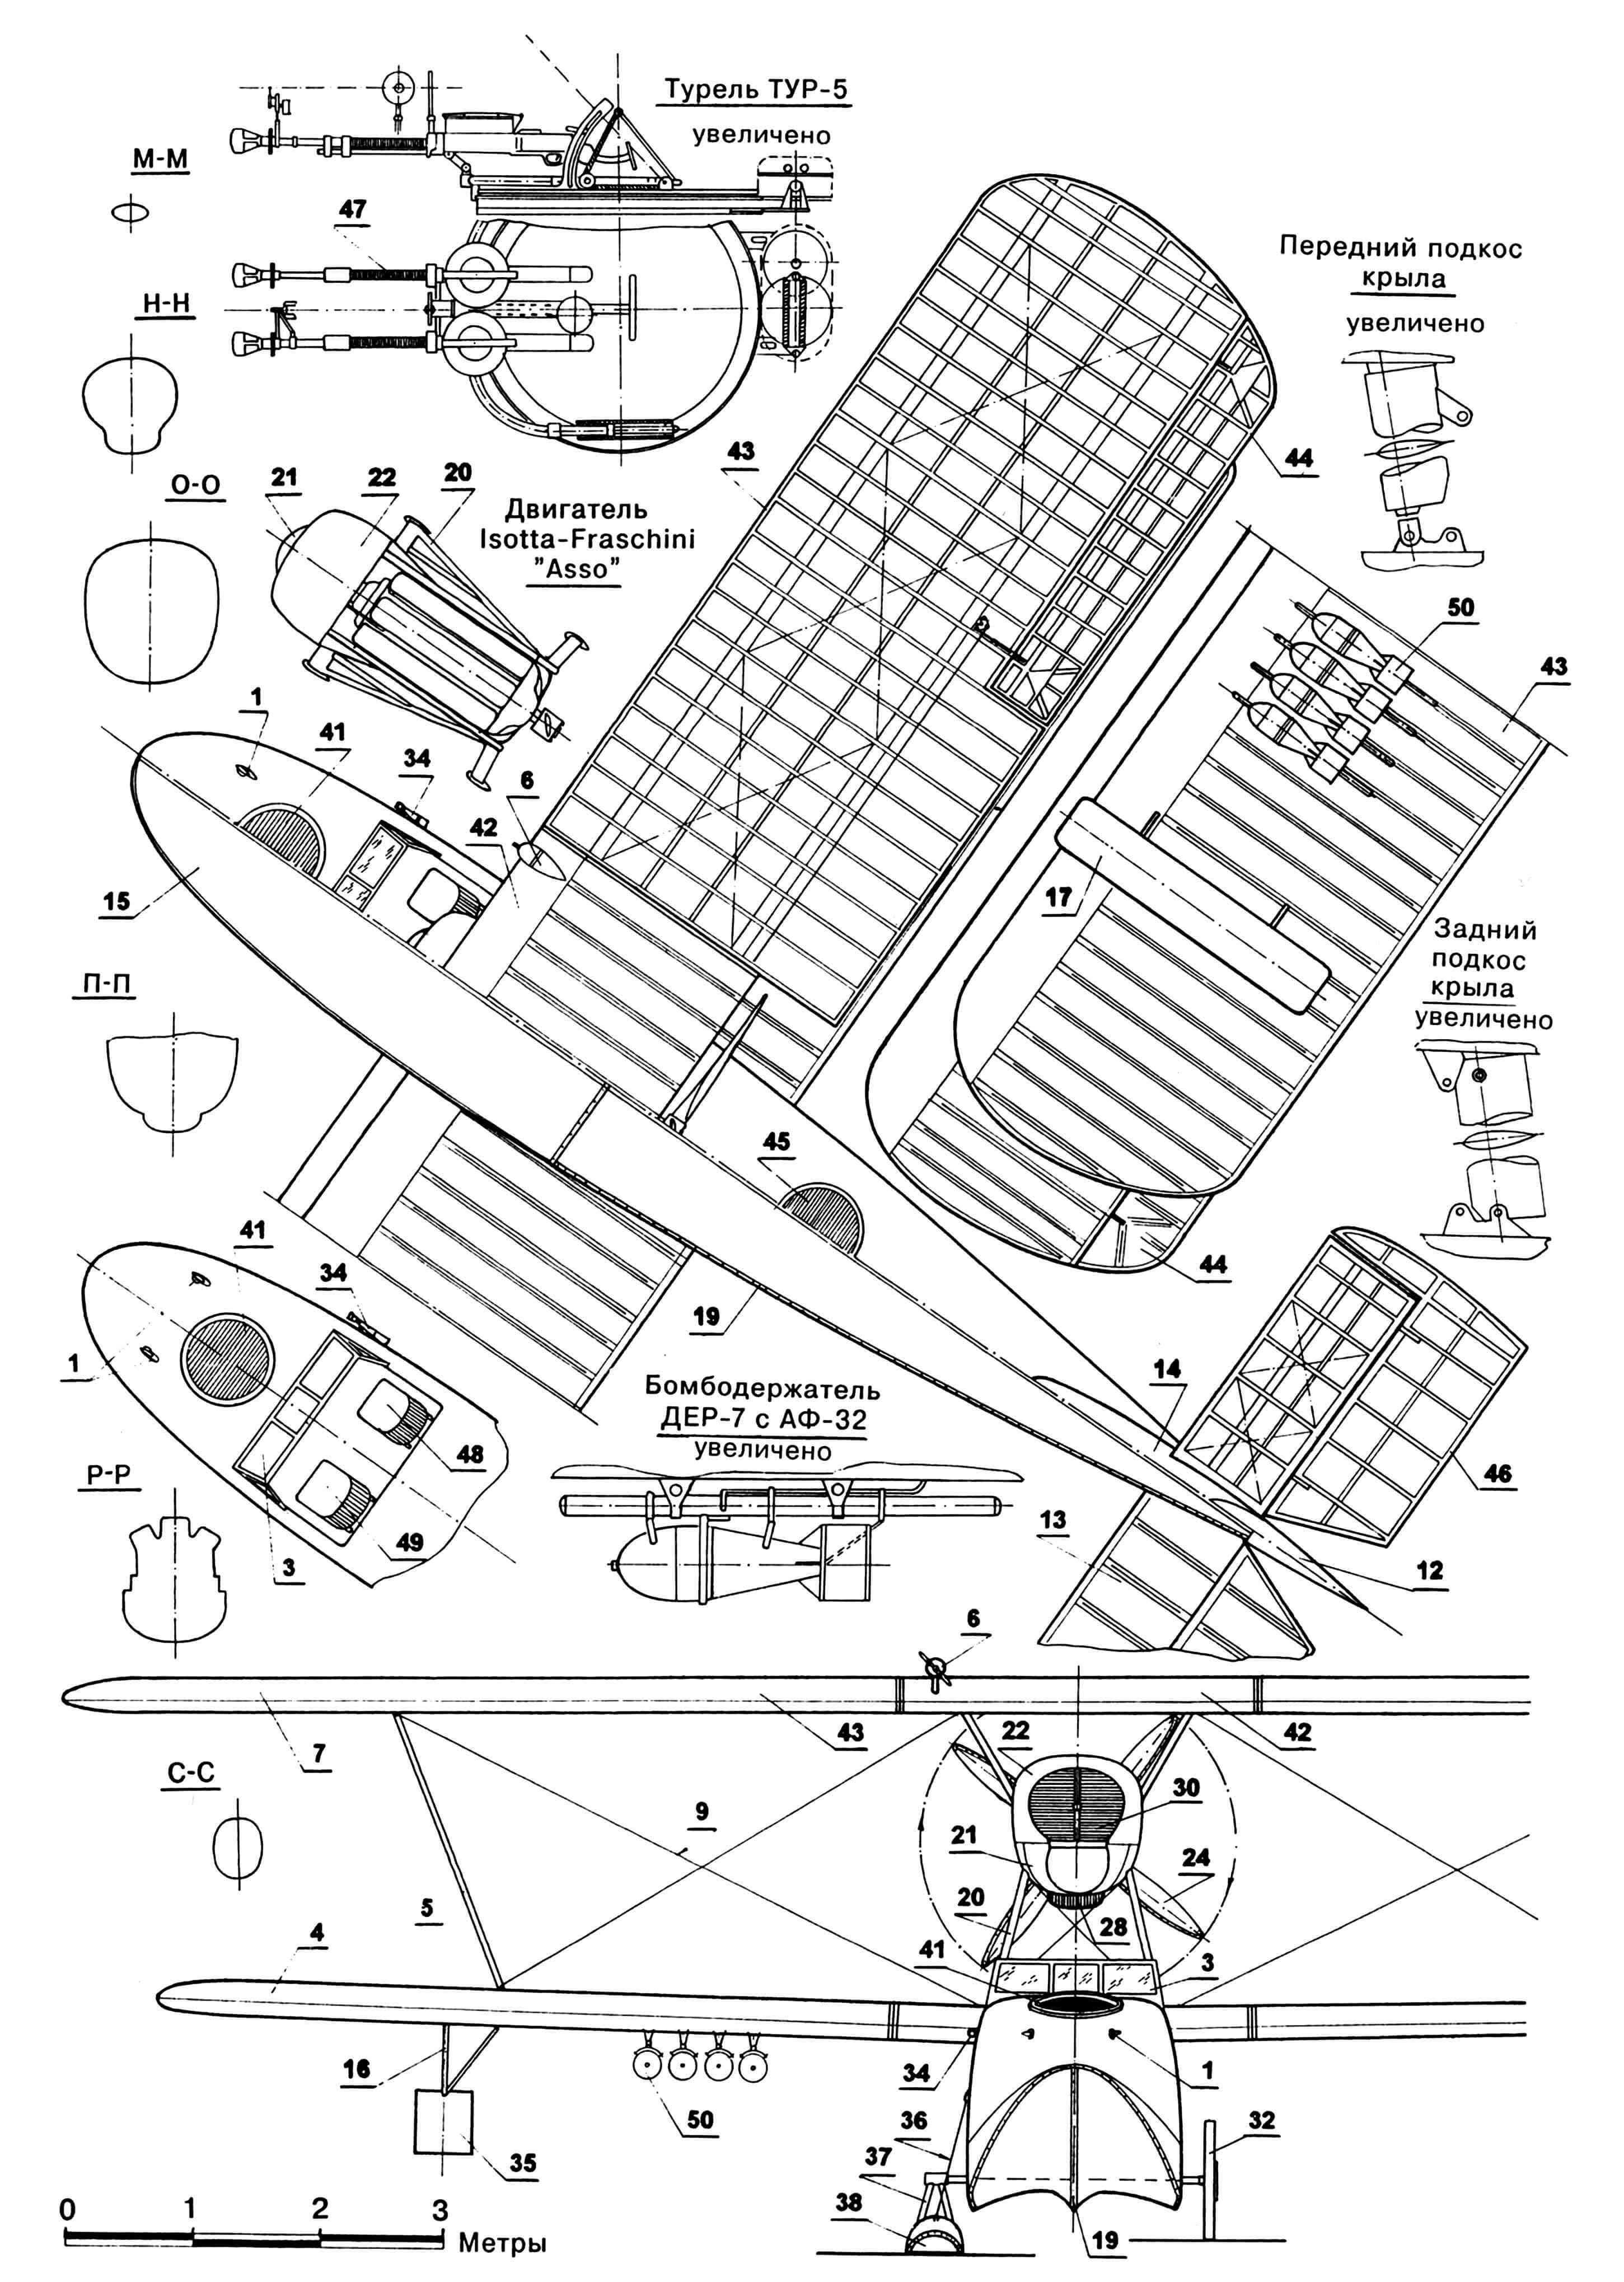 ПЕРВЫЕ ГИДРОСАМОЛЕТЫ ИТАЛИИ (Летающие лодки S-16/62)